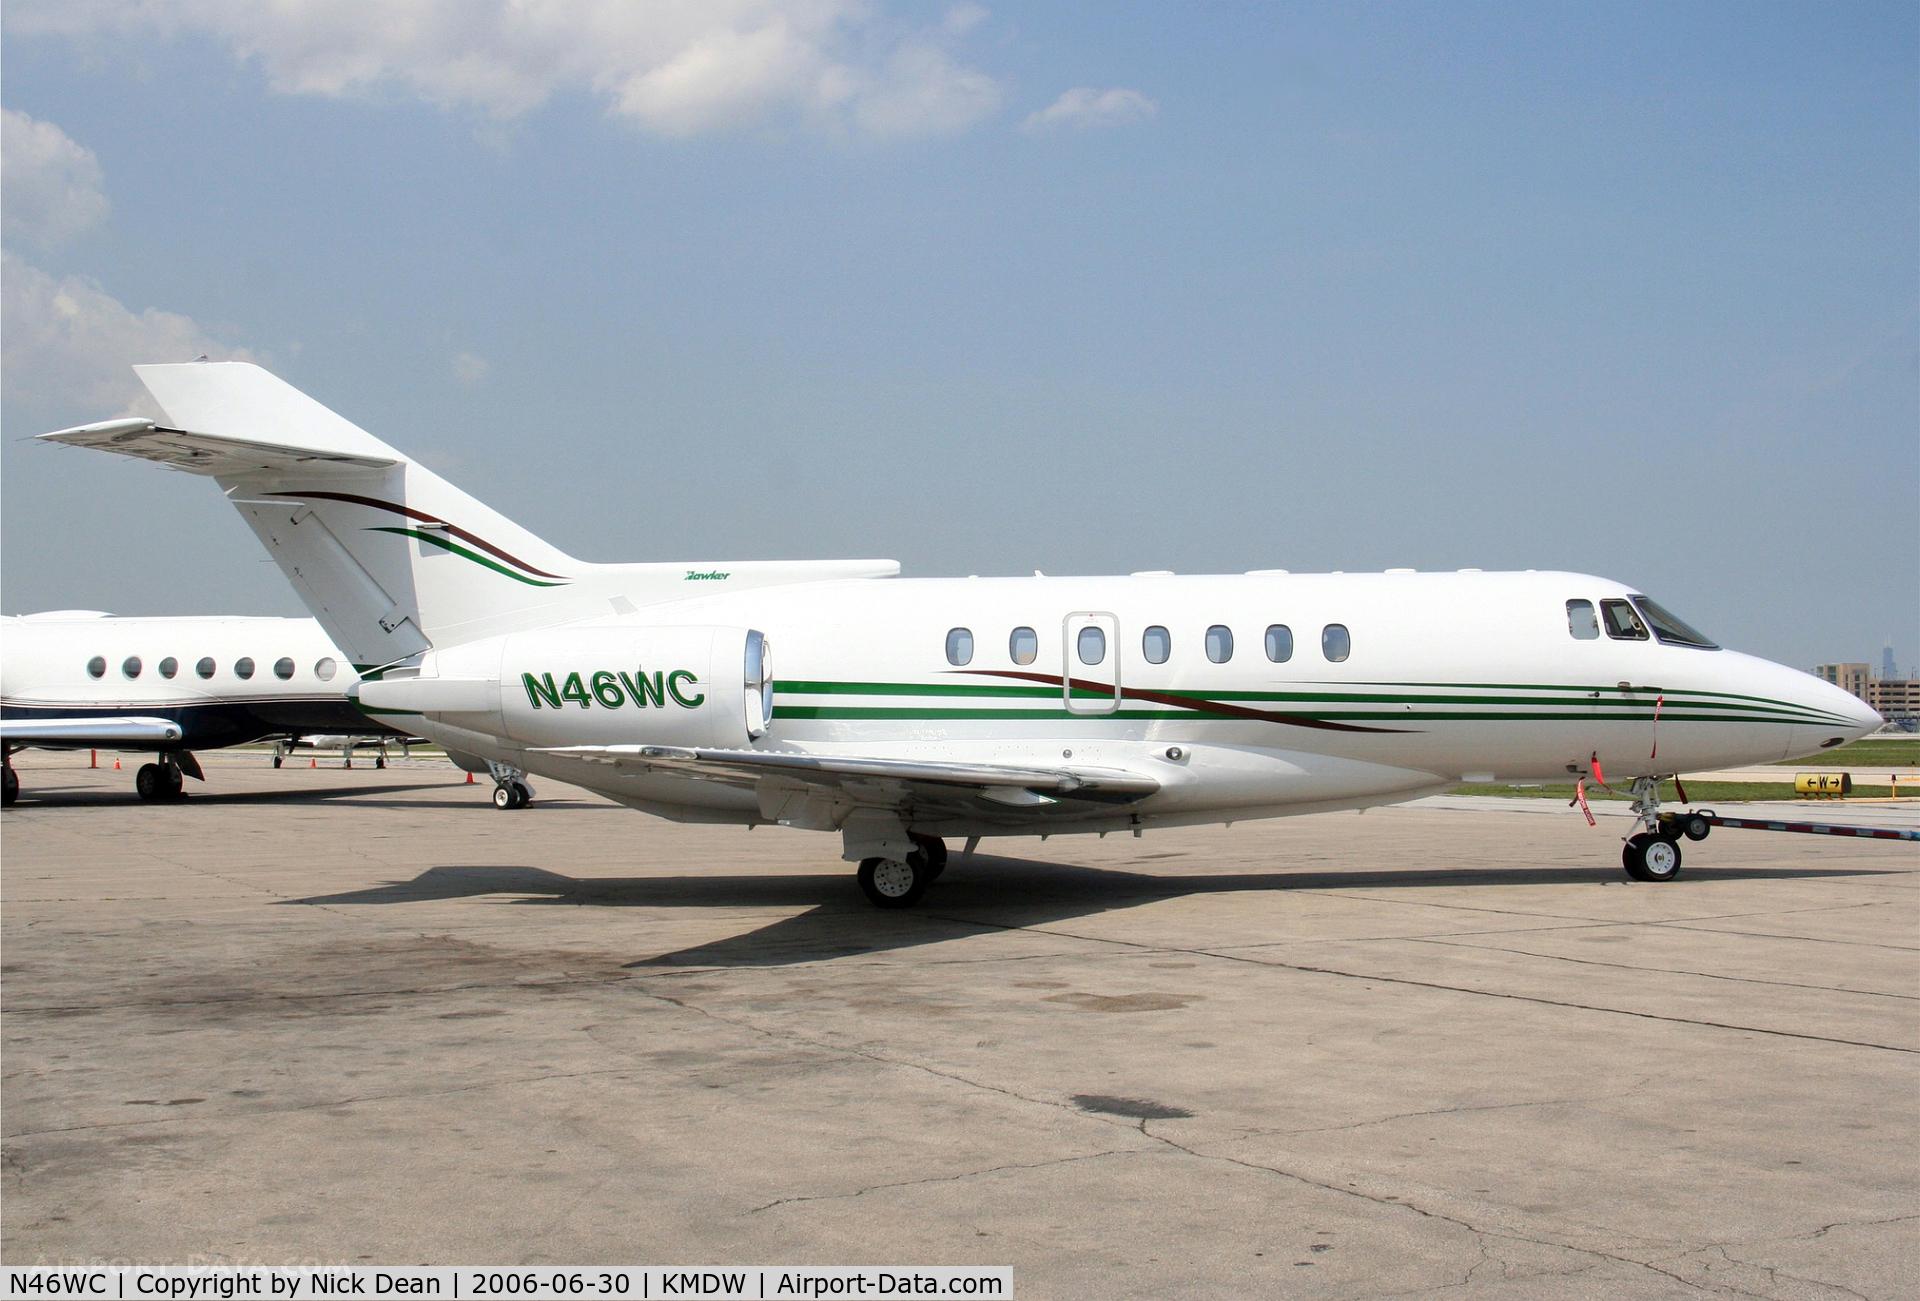 N46WC, 1992 British Aerospace BAe.125-1000B C/N 259028, KMDW